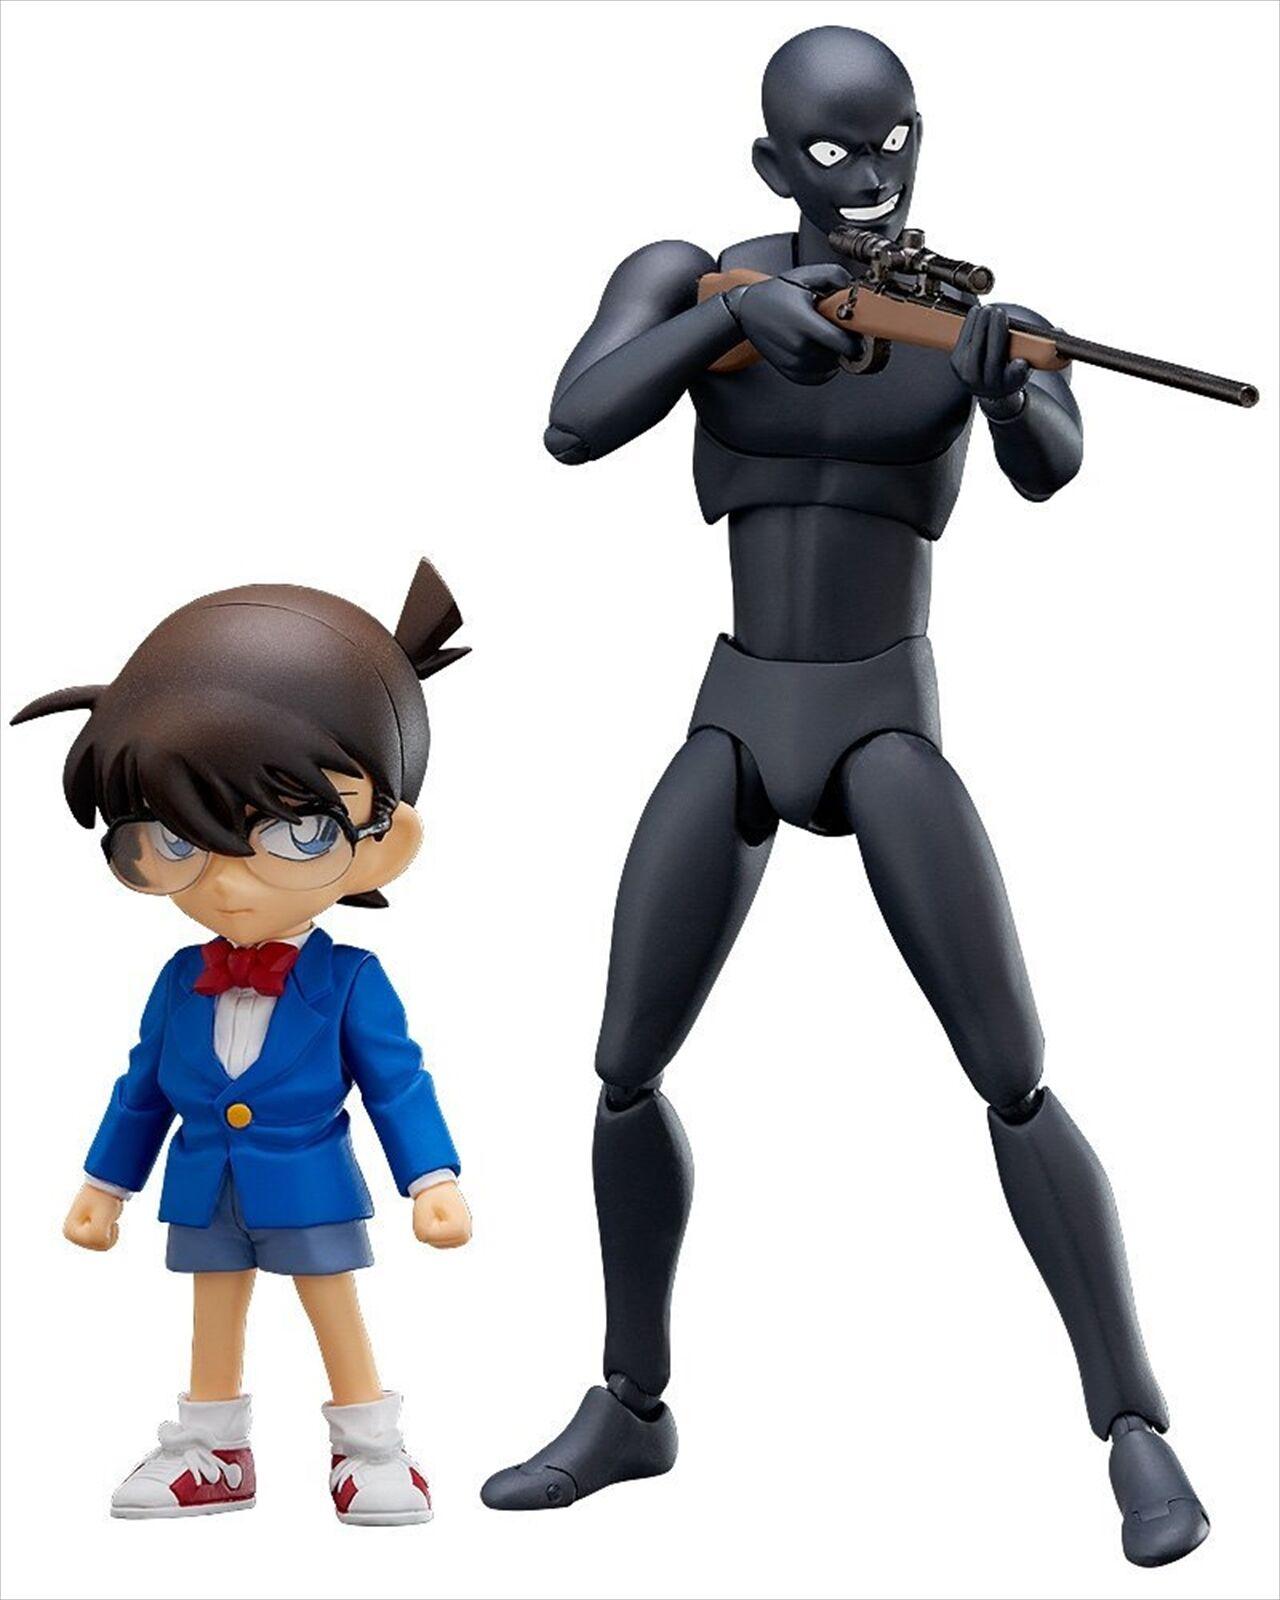 Freeing figfix Conan Edogawa Conan & Figma criminal no Escala Figura De Acción